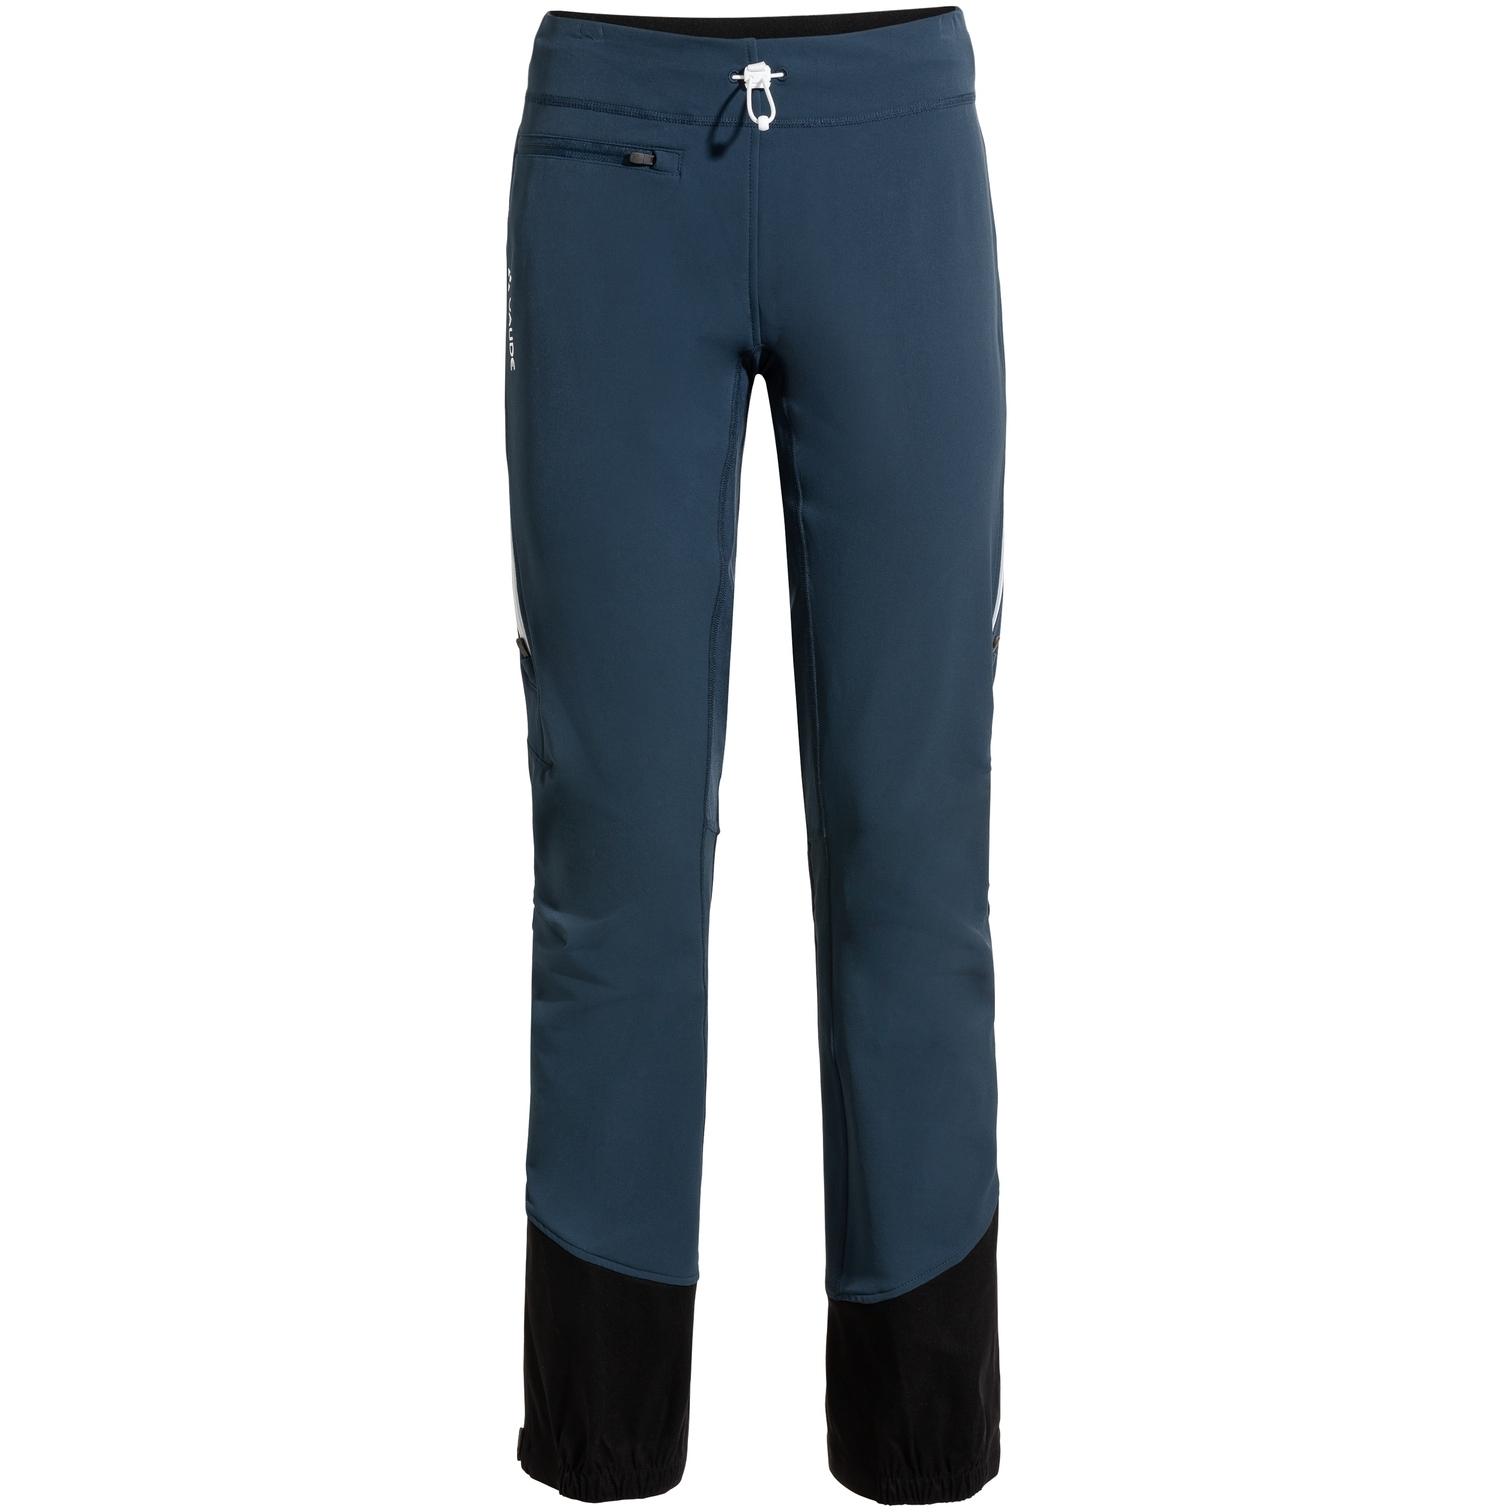 Vaude Women's Larice Light Pants II - dark sea